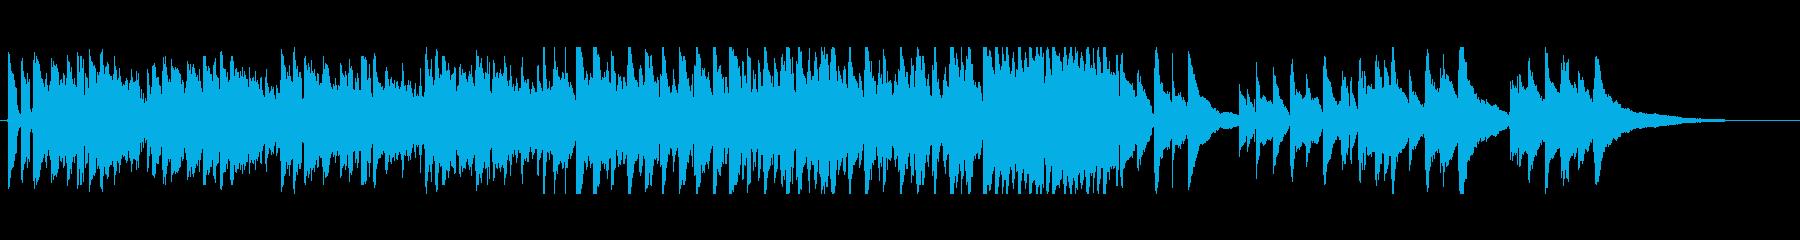 爽やかな生録音アコギ+マンドリンの再生済みの波形